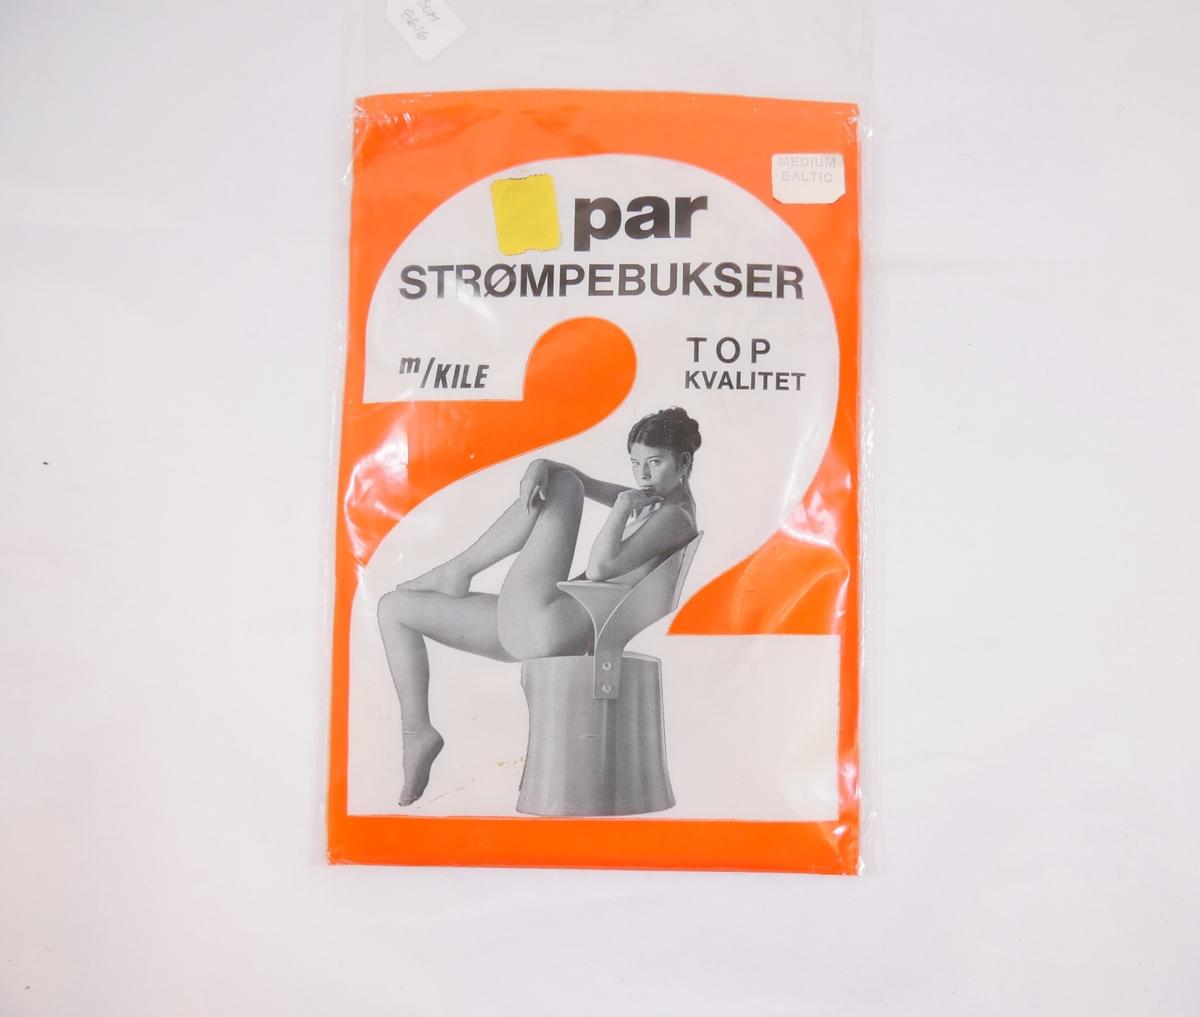 Utanpå emballasjen: Ung kvinne iført strømpebukse og singlet, sitjande i ein futuristisk stol